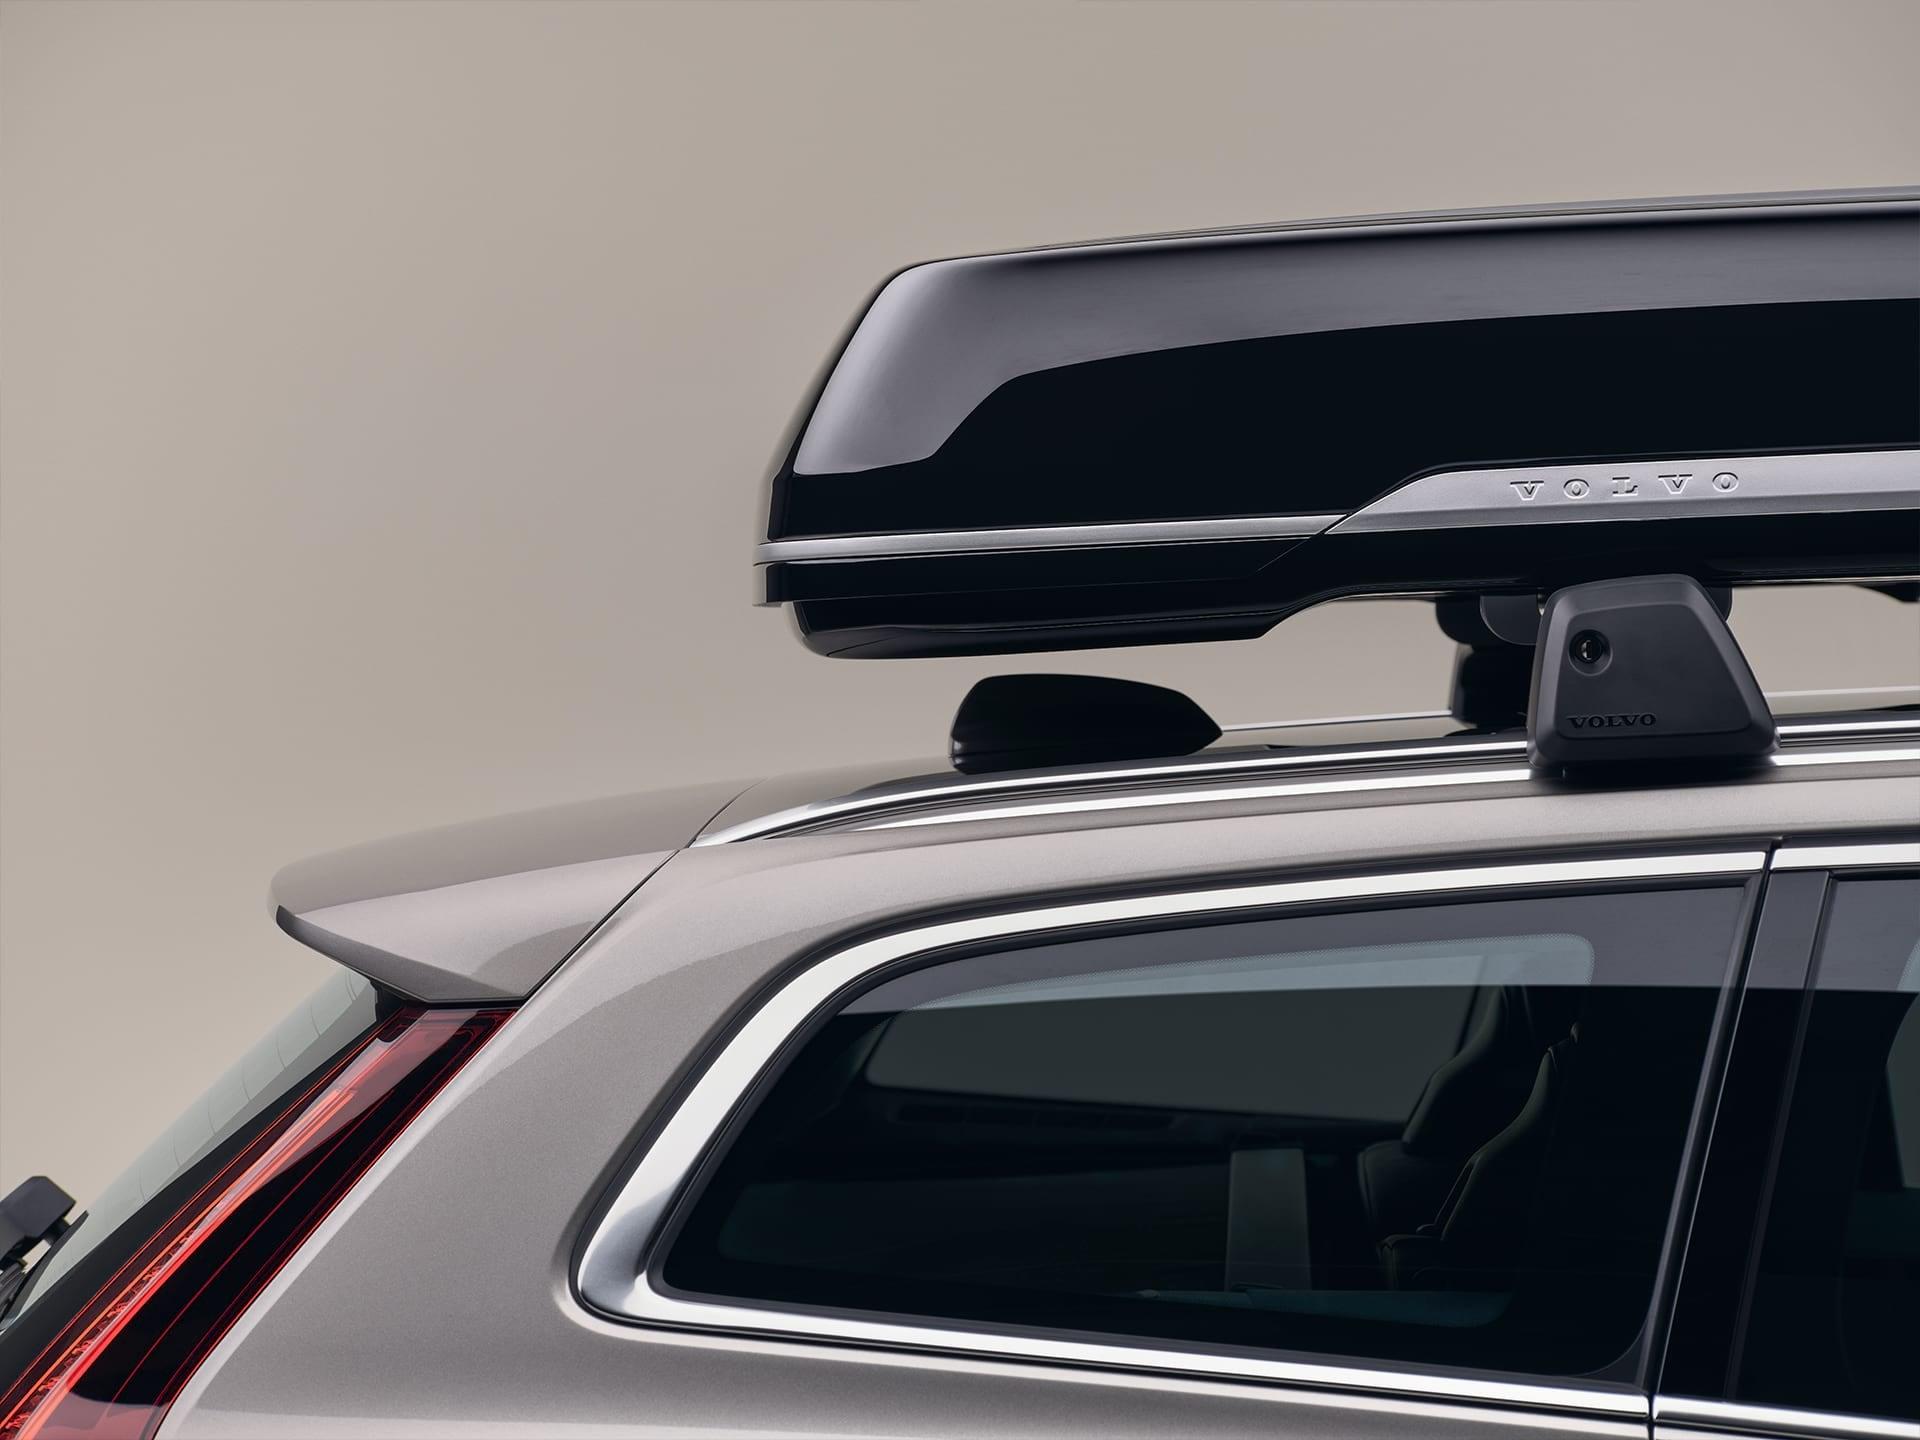 Volvo V60 kombi tetőboxszal.